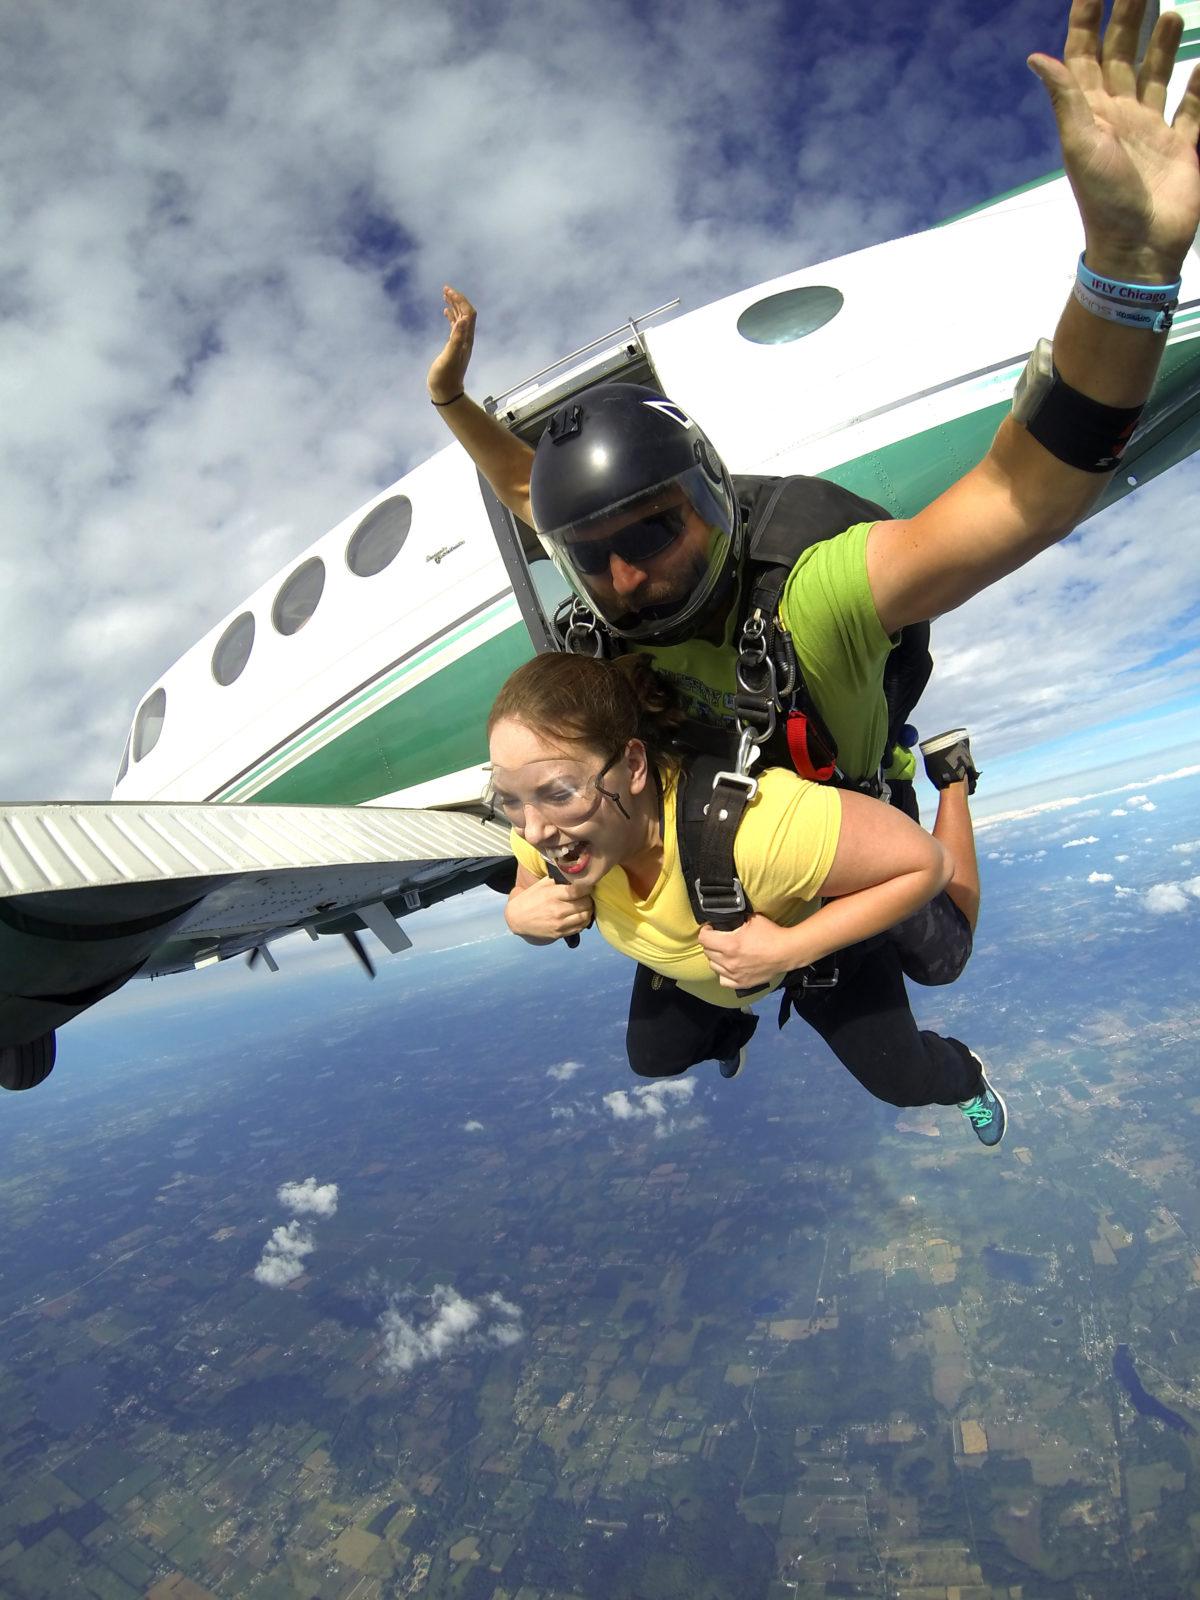 Skydive Tecumseh - Michigan's Premier Skydiving Center